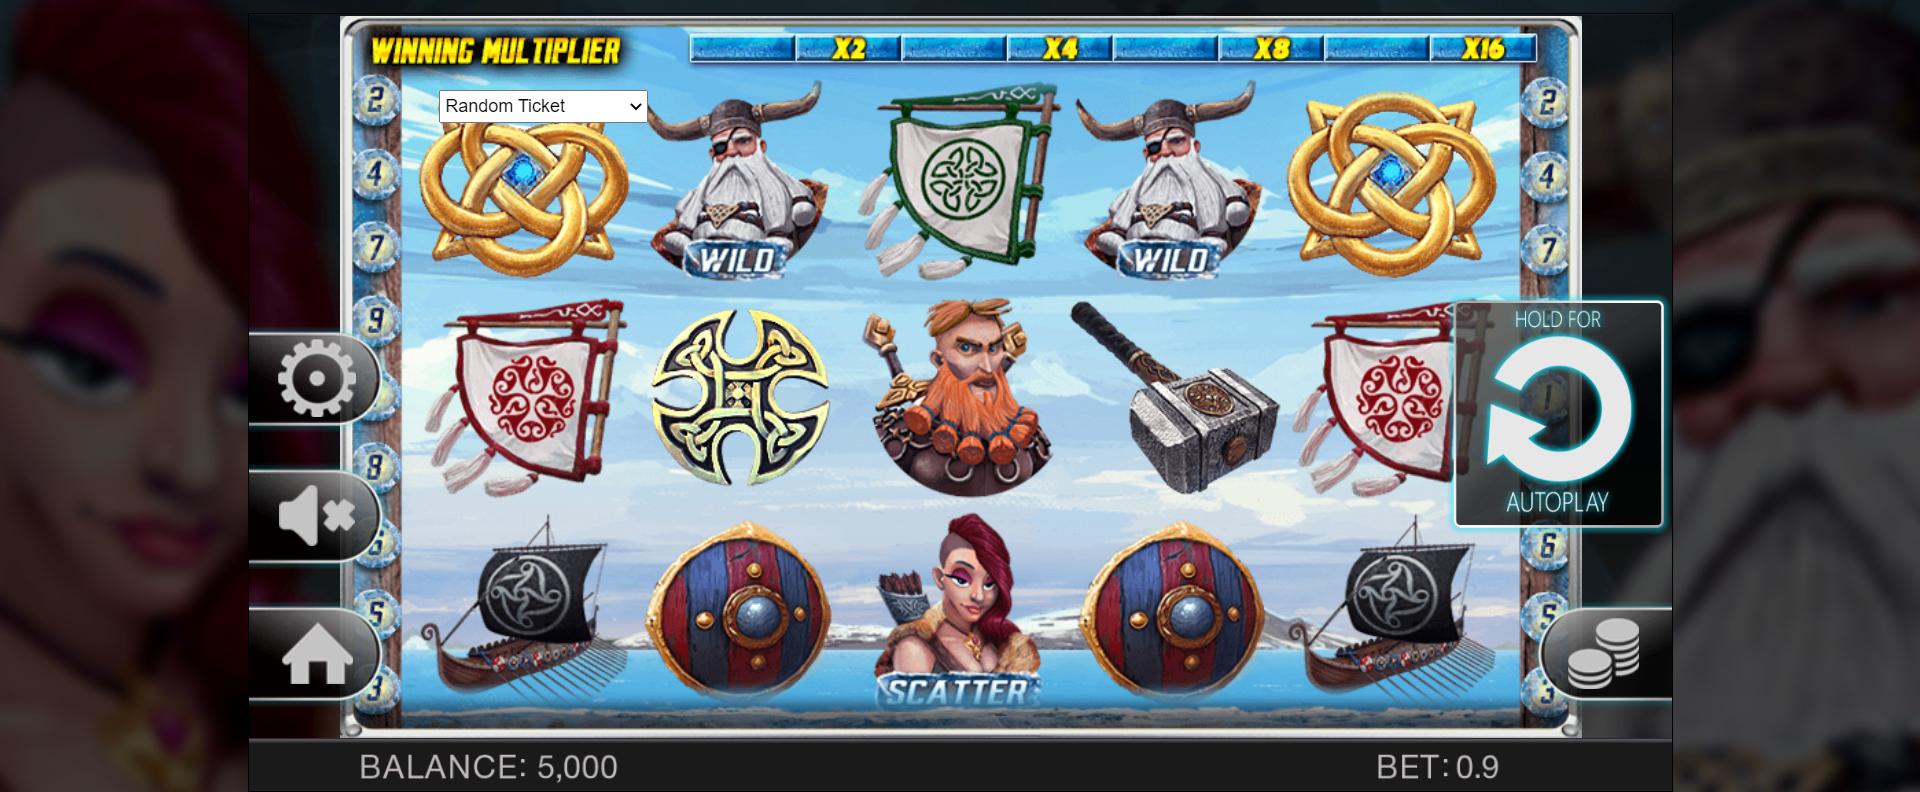 เกมสล็อต Viking's Glory พาคุณรวยและล่องทะเลกับชาวไวกิง